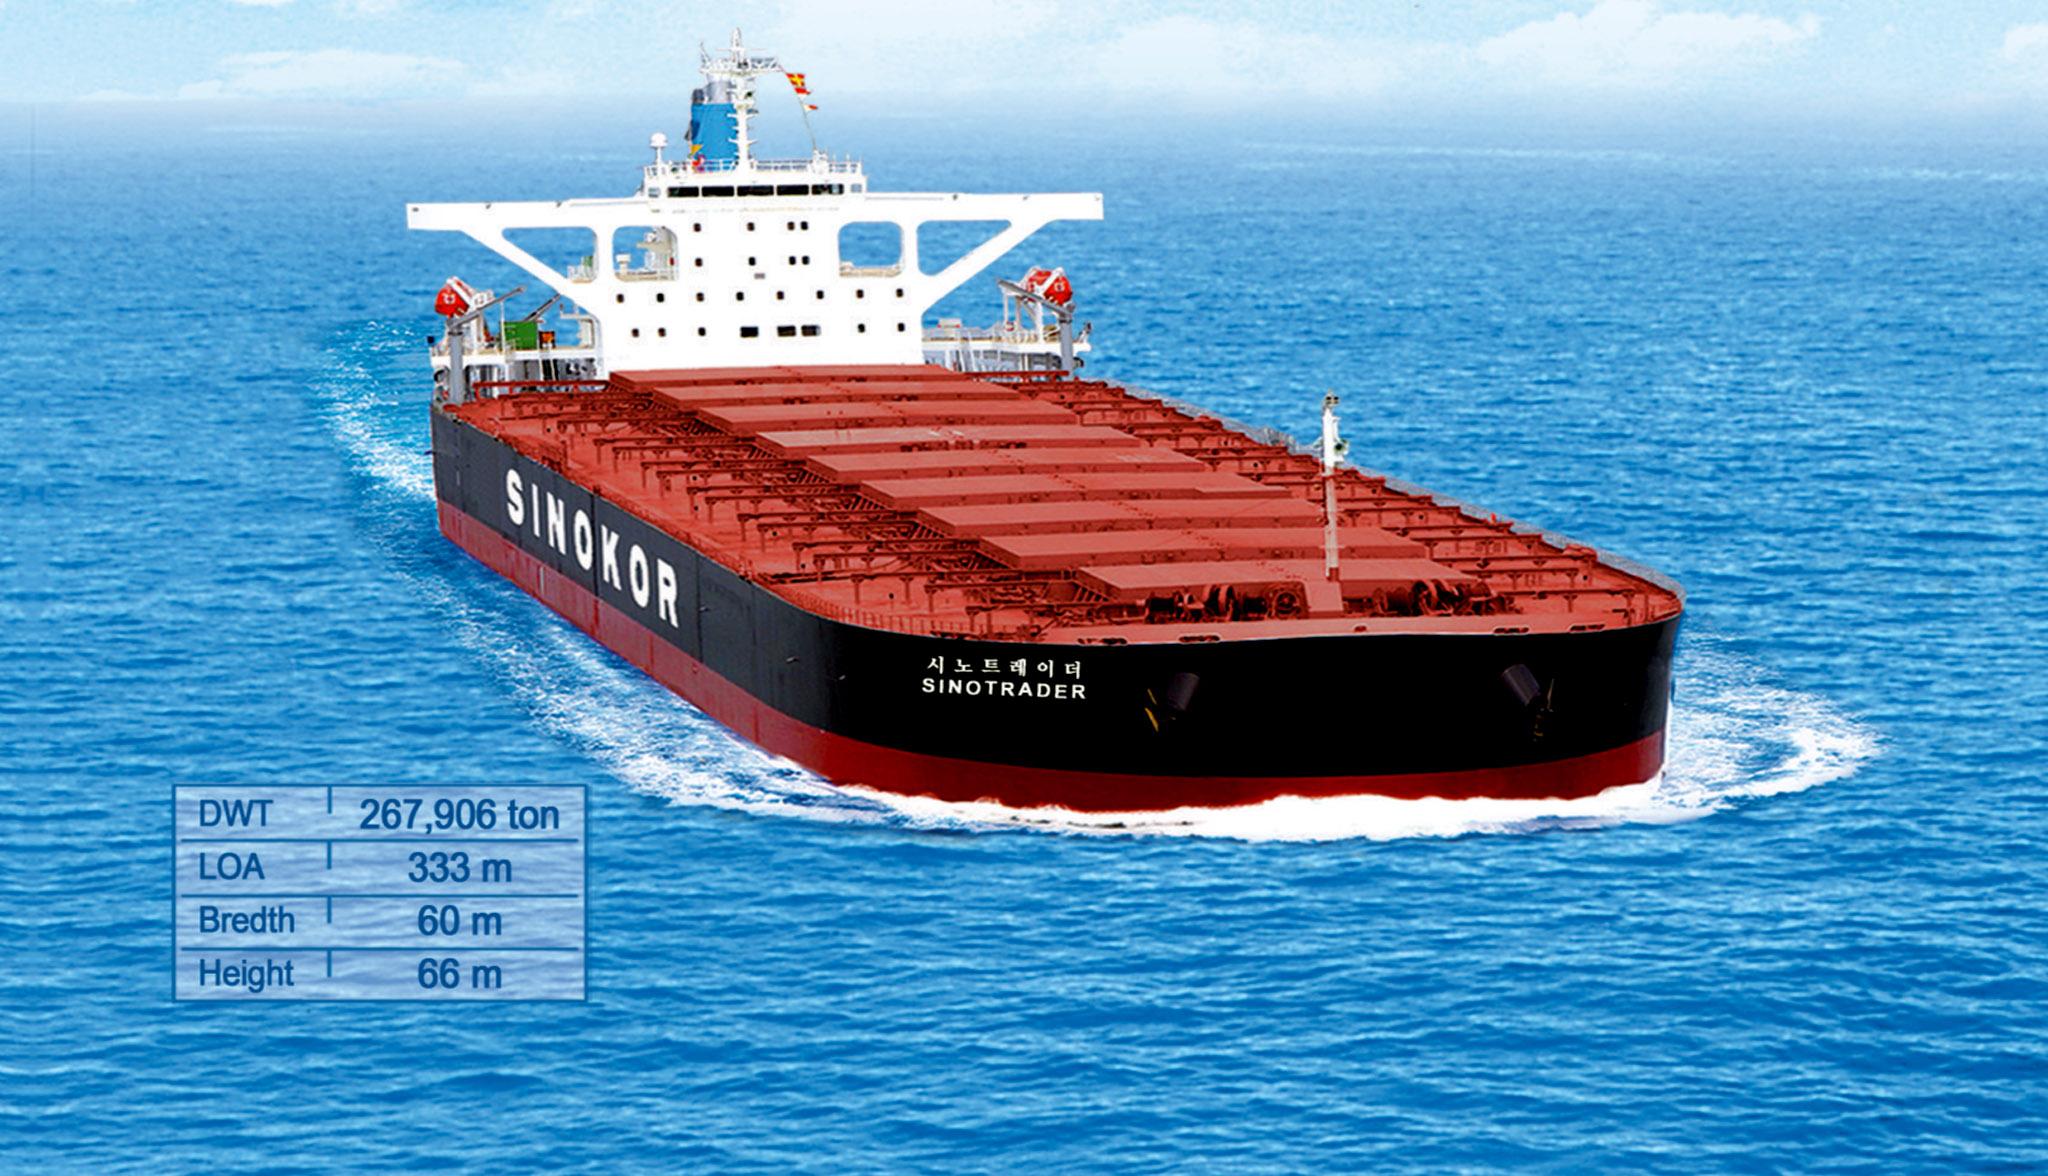 Company Profile - Sinokor Hongkong Co , Ltd